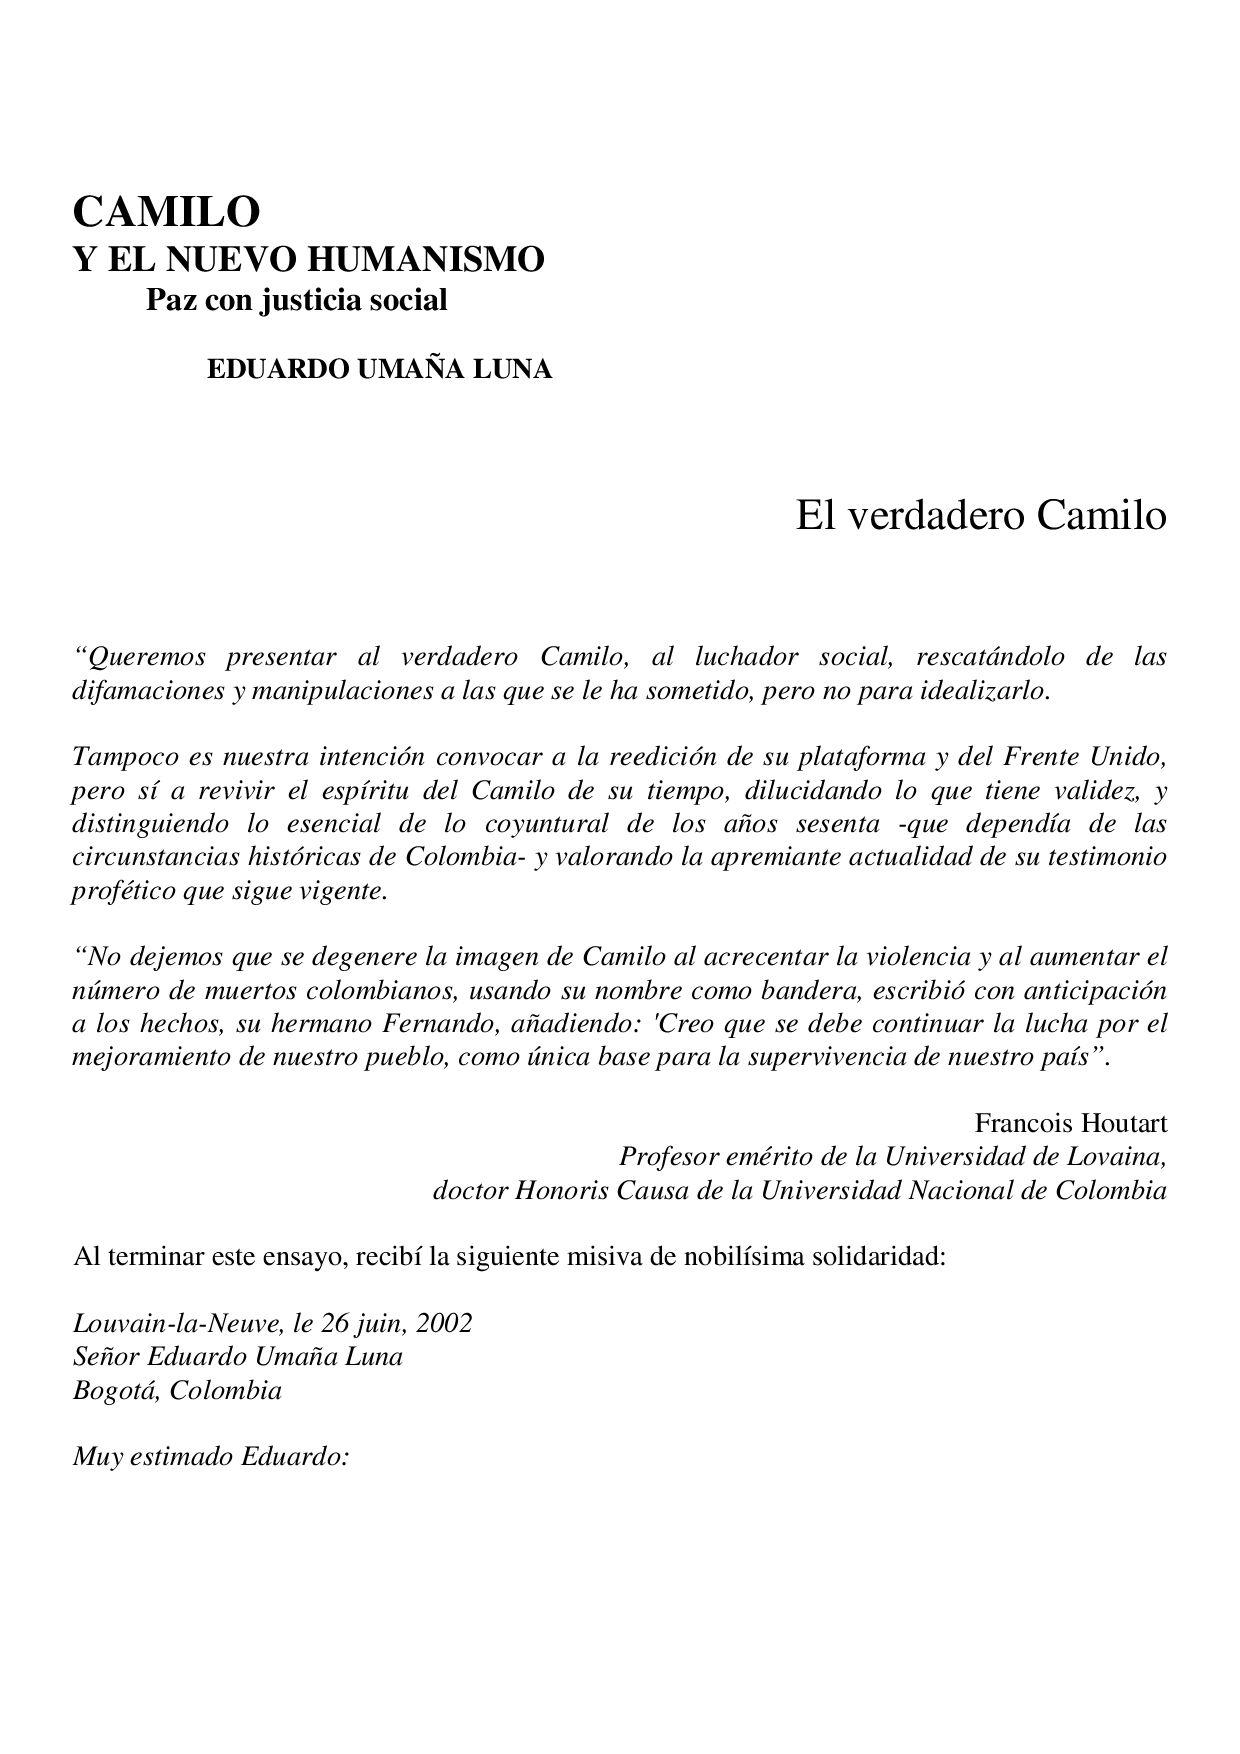 CAMILOY EL NUEVO HUMANISMO by camilo vive - issuu